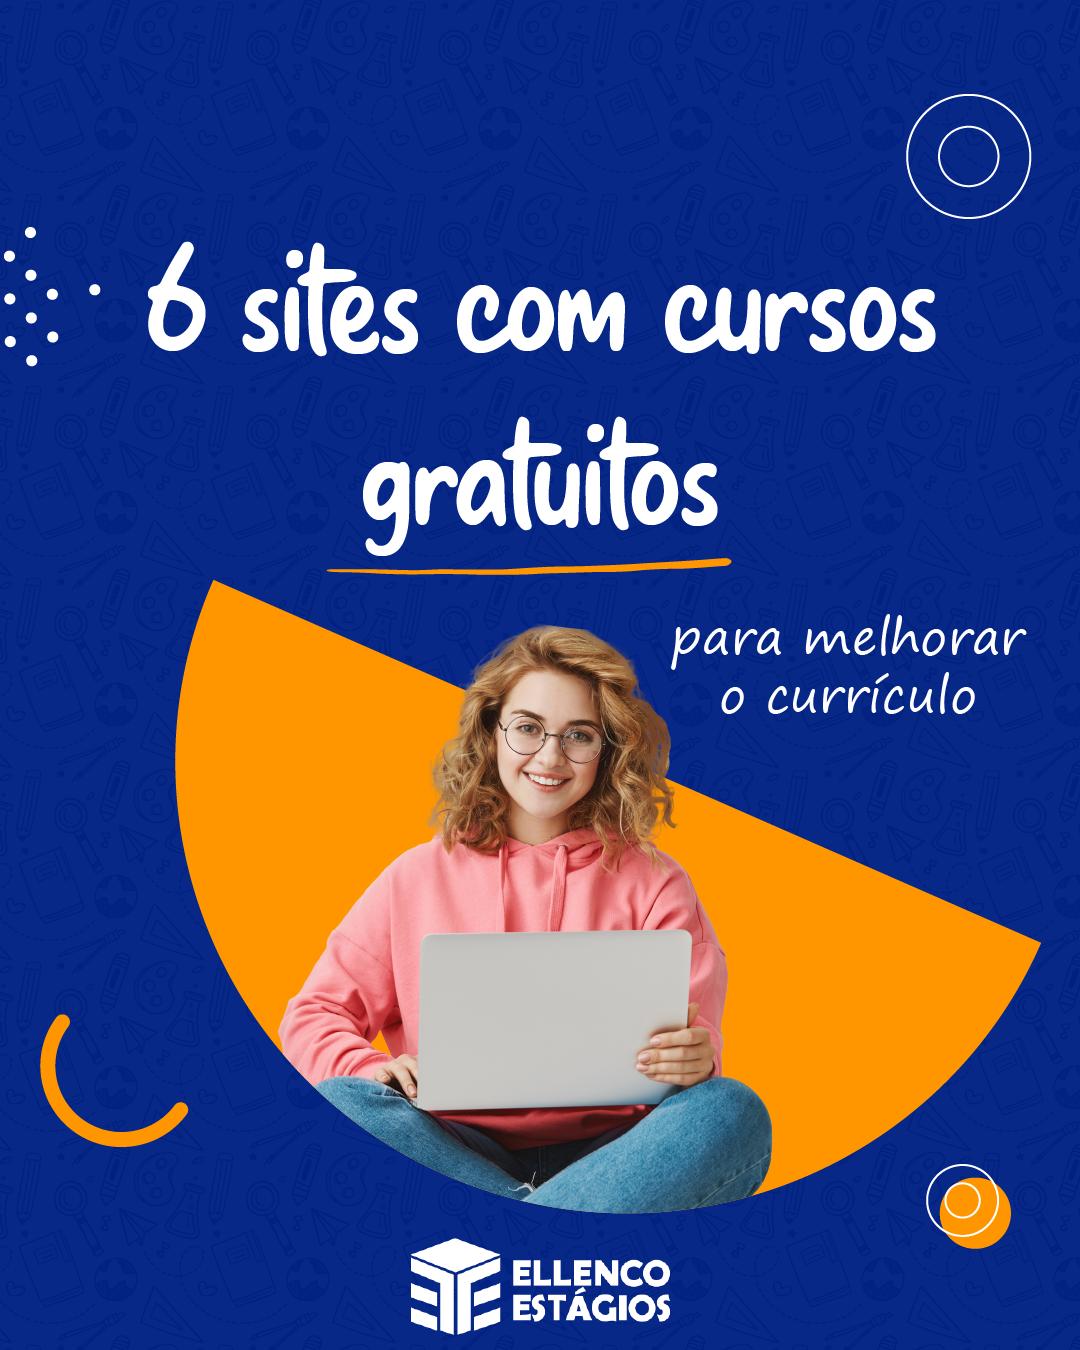 6 Sites com cursos gratuitos!